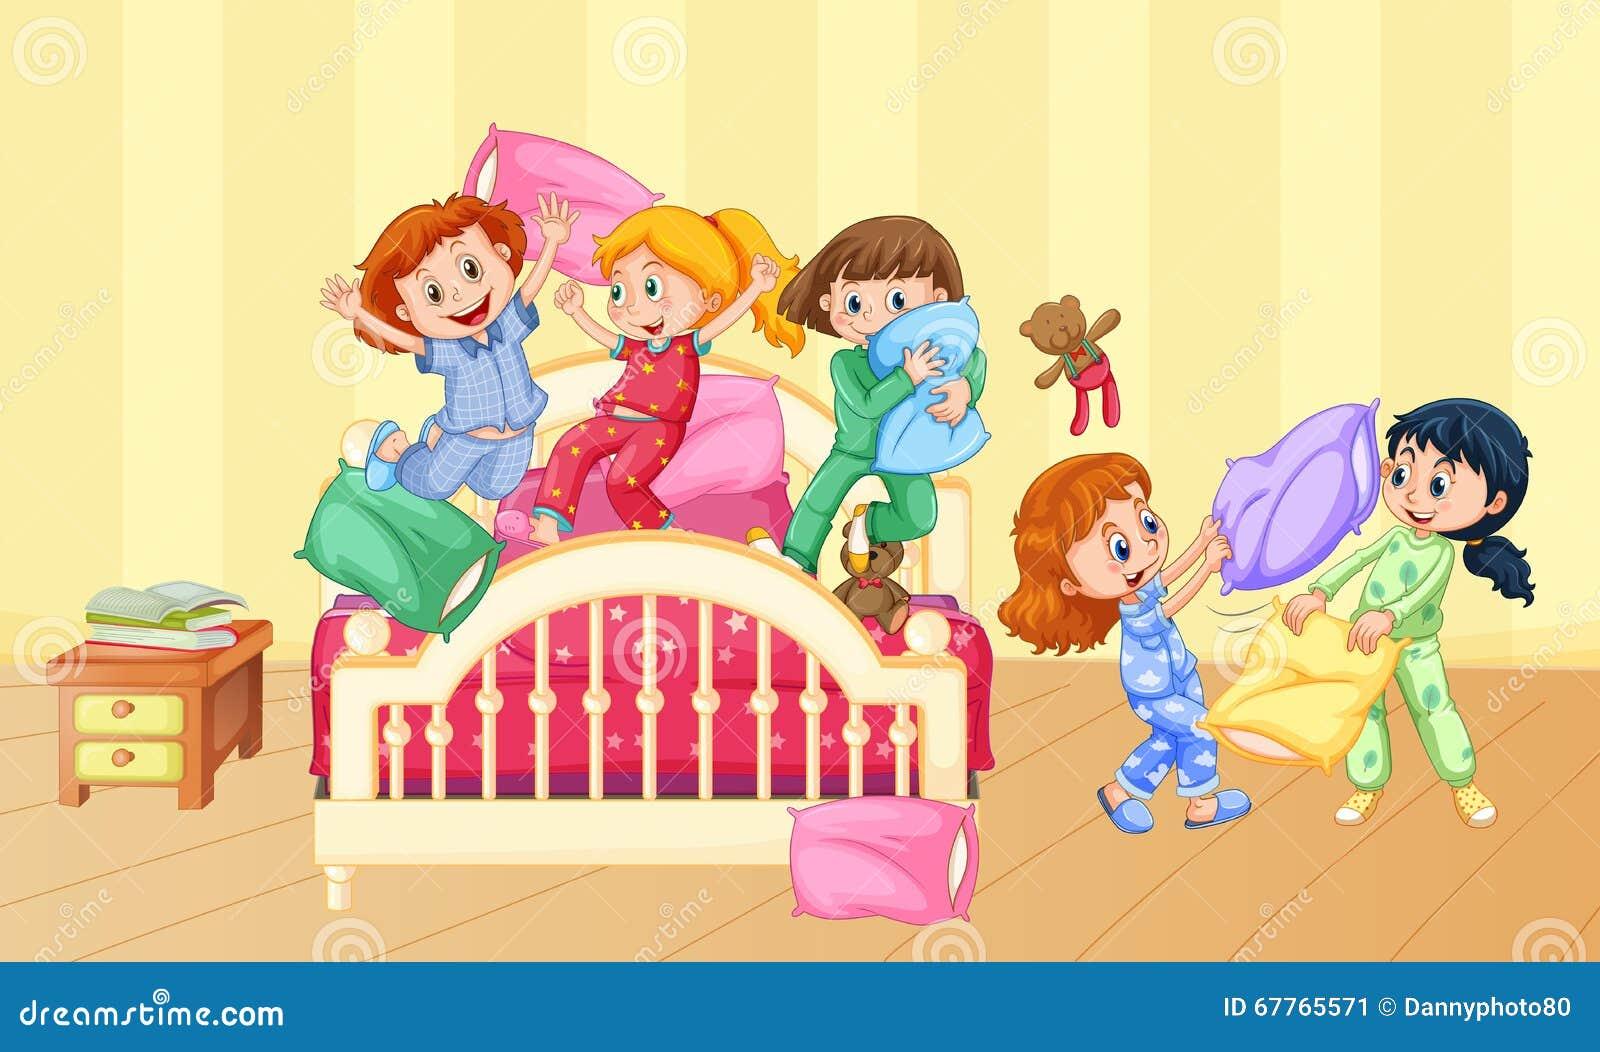 pyjama party spiele